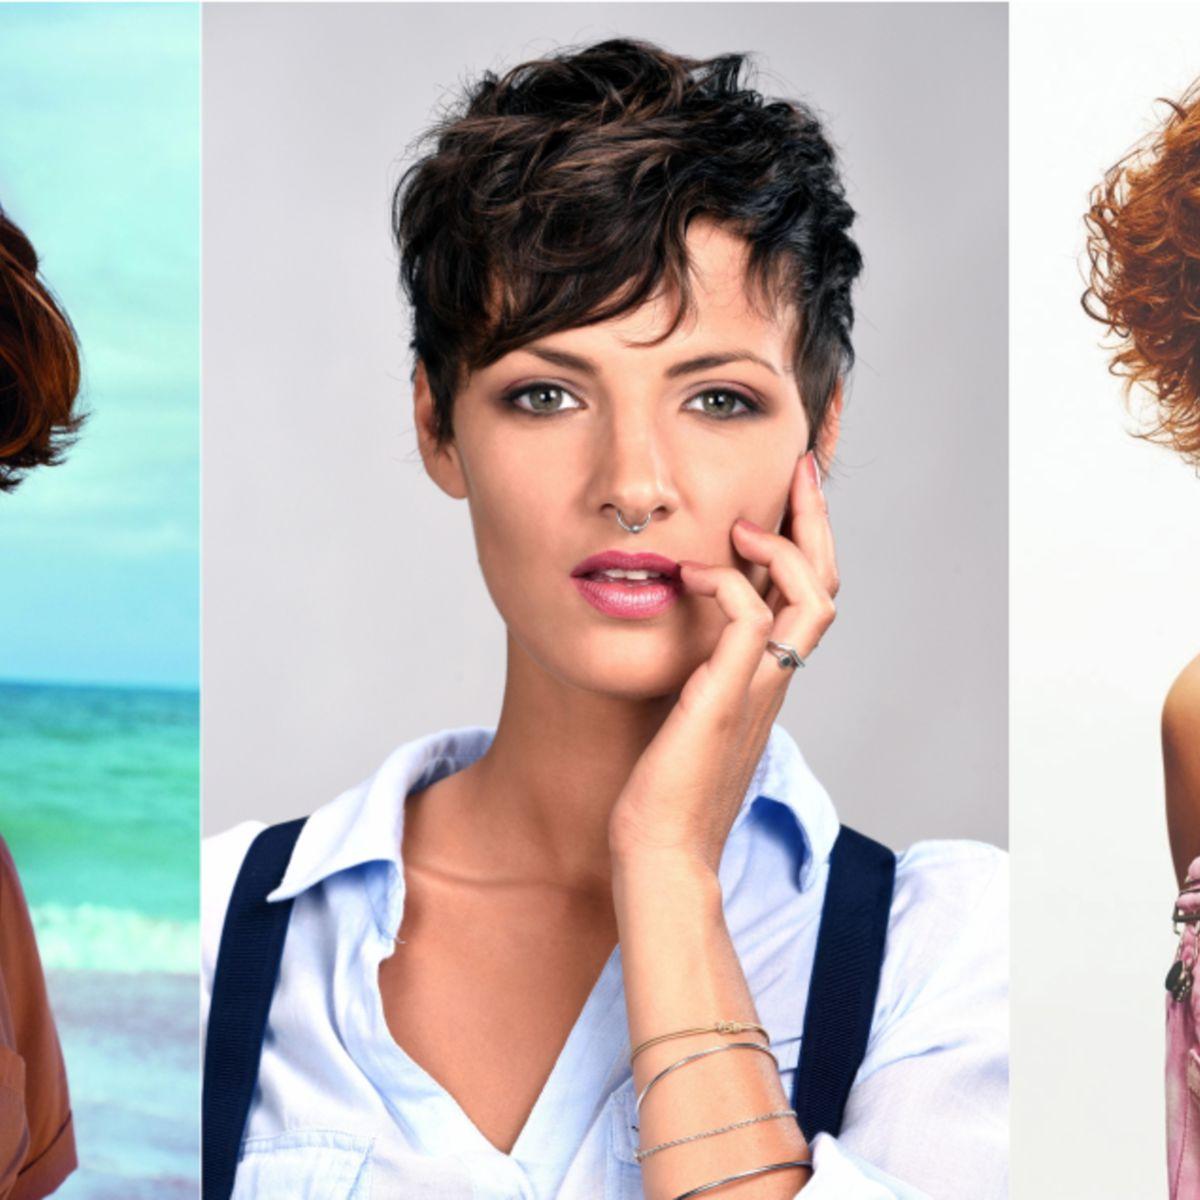 +20 belles photos de coupe cheveux femme bouclé court - LiloBijoux - Bijoux Fantasie tendances ...